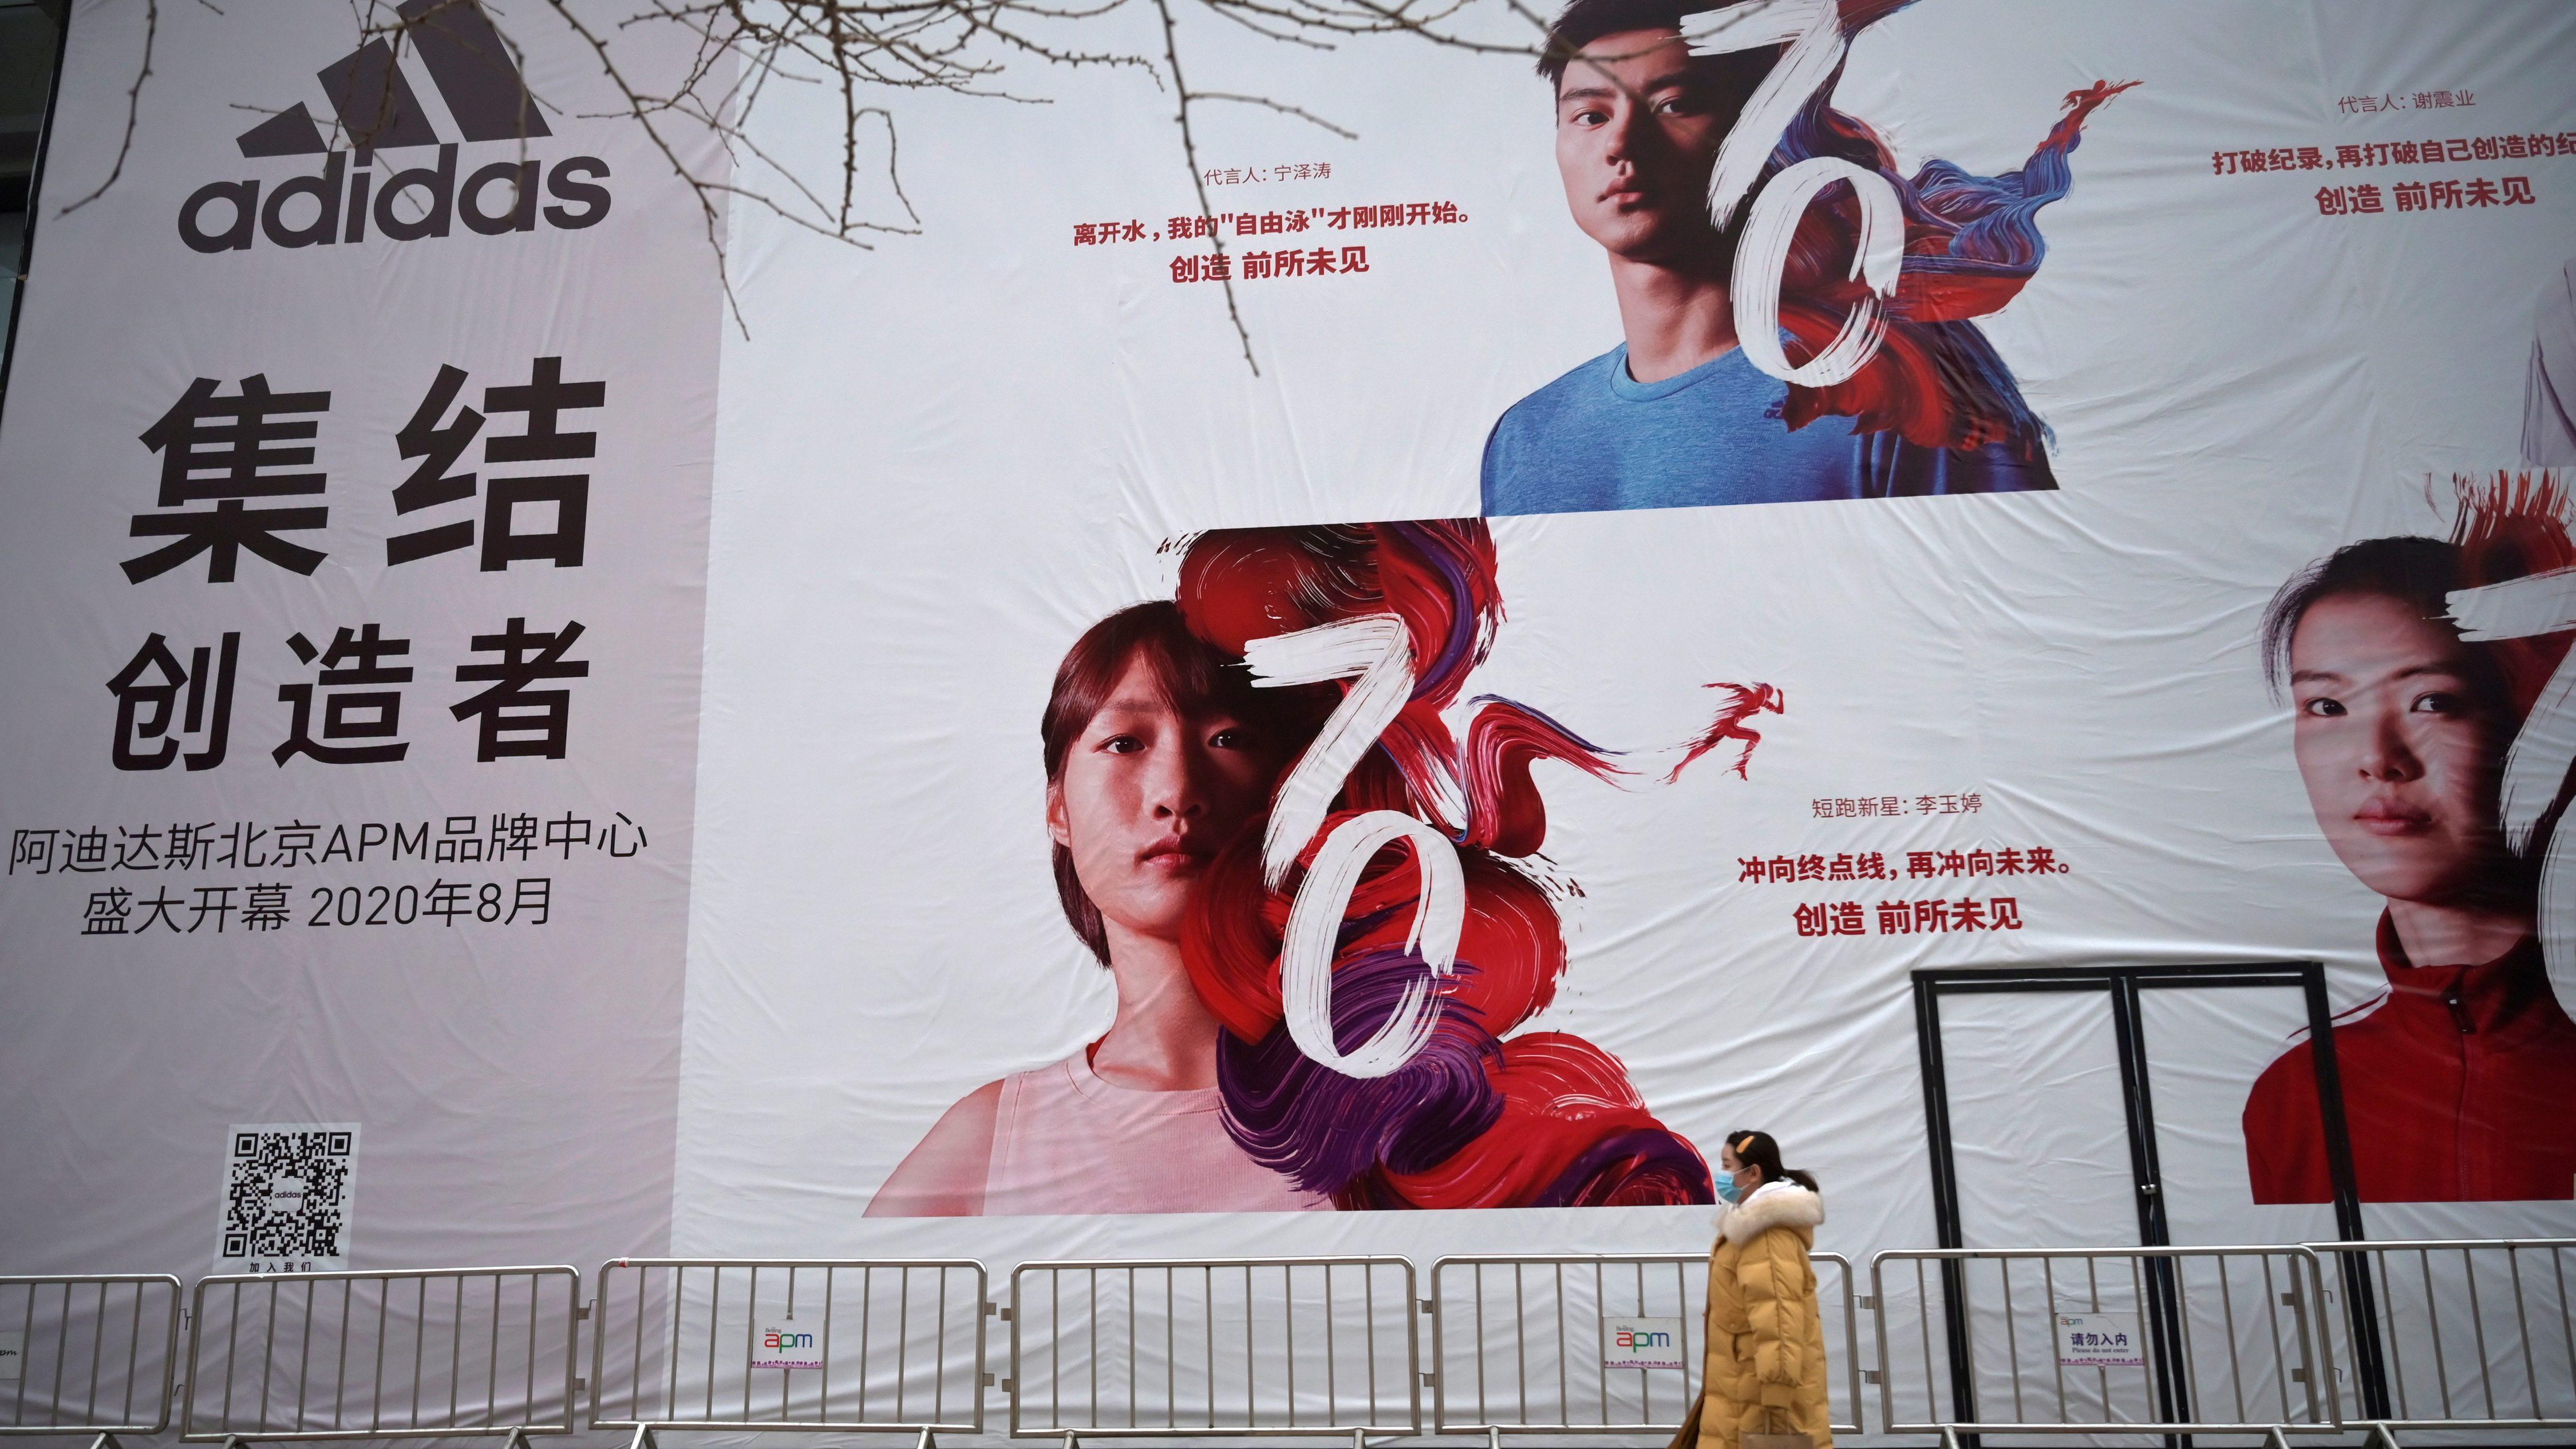 Coronavirus Is Expected To Devastate Adidas S Sales In China Quartz